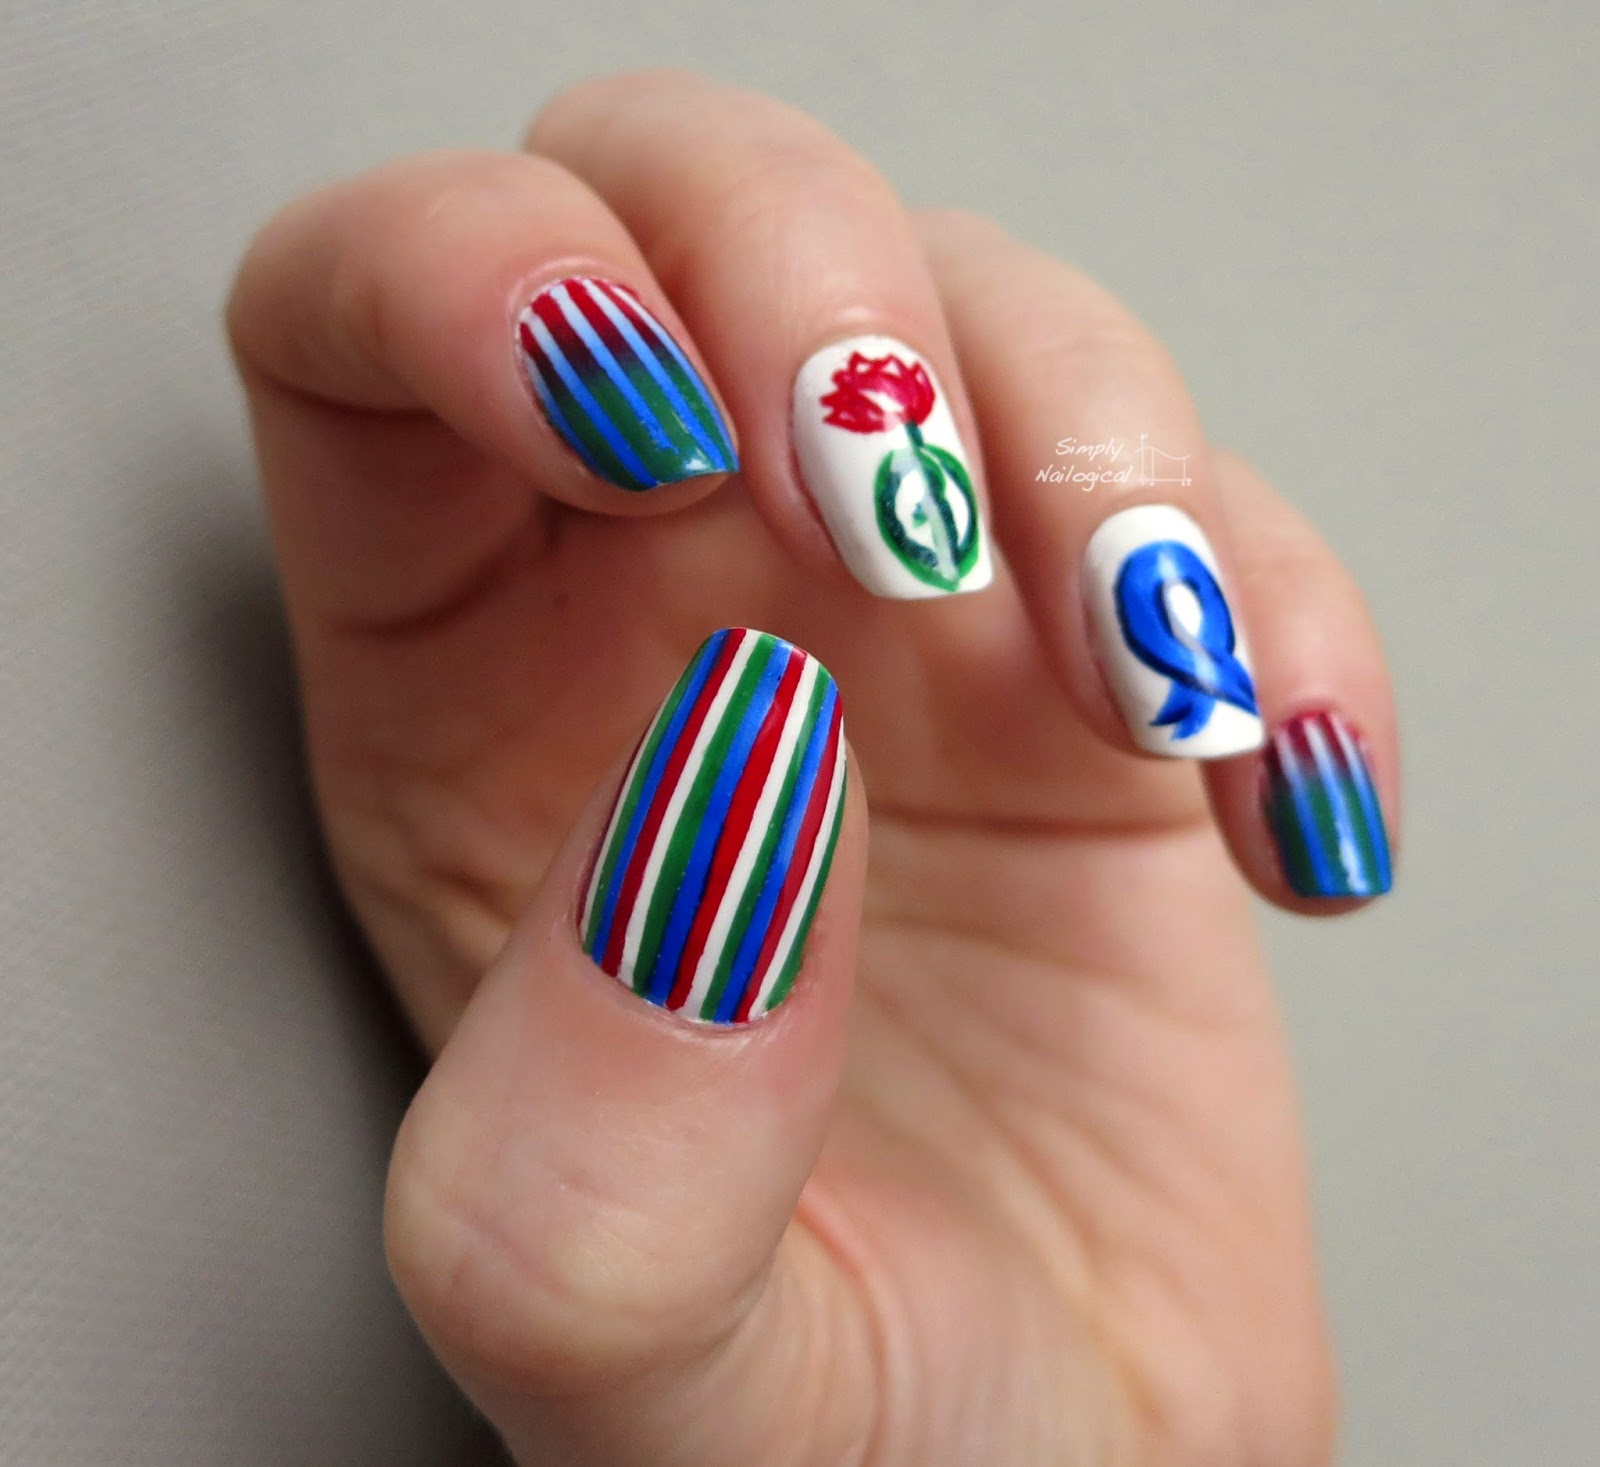 Simply Nailogical Nail Art: Simply Nailogical: Parkinson's Day Themed Nail Art